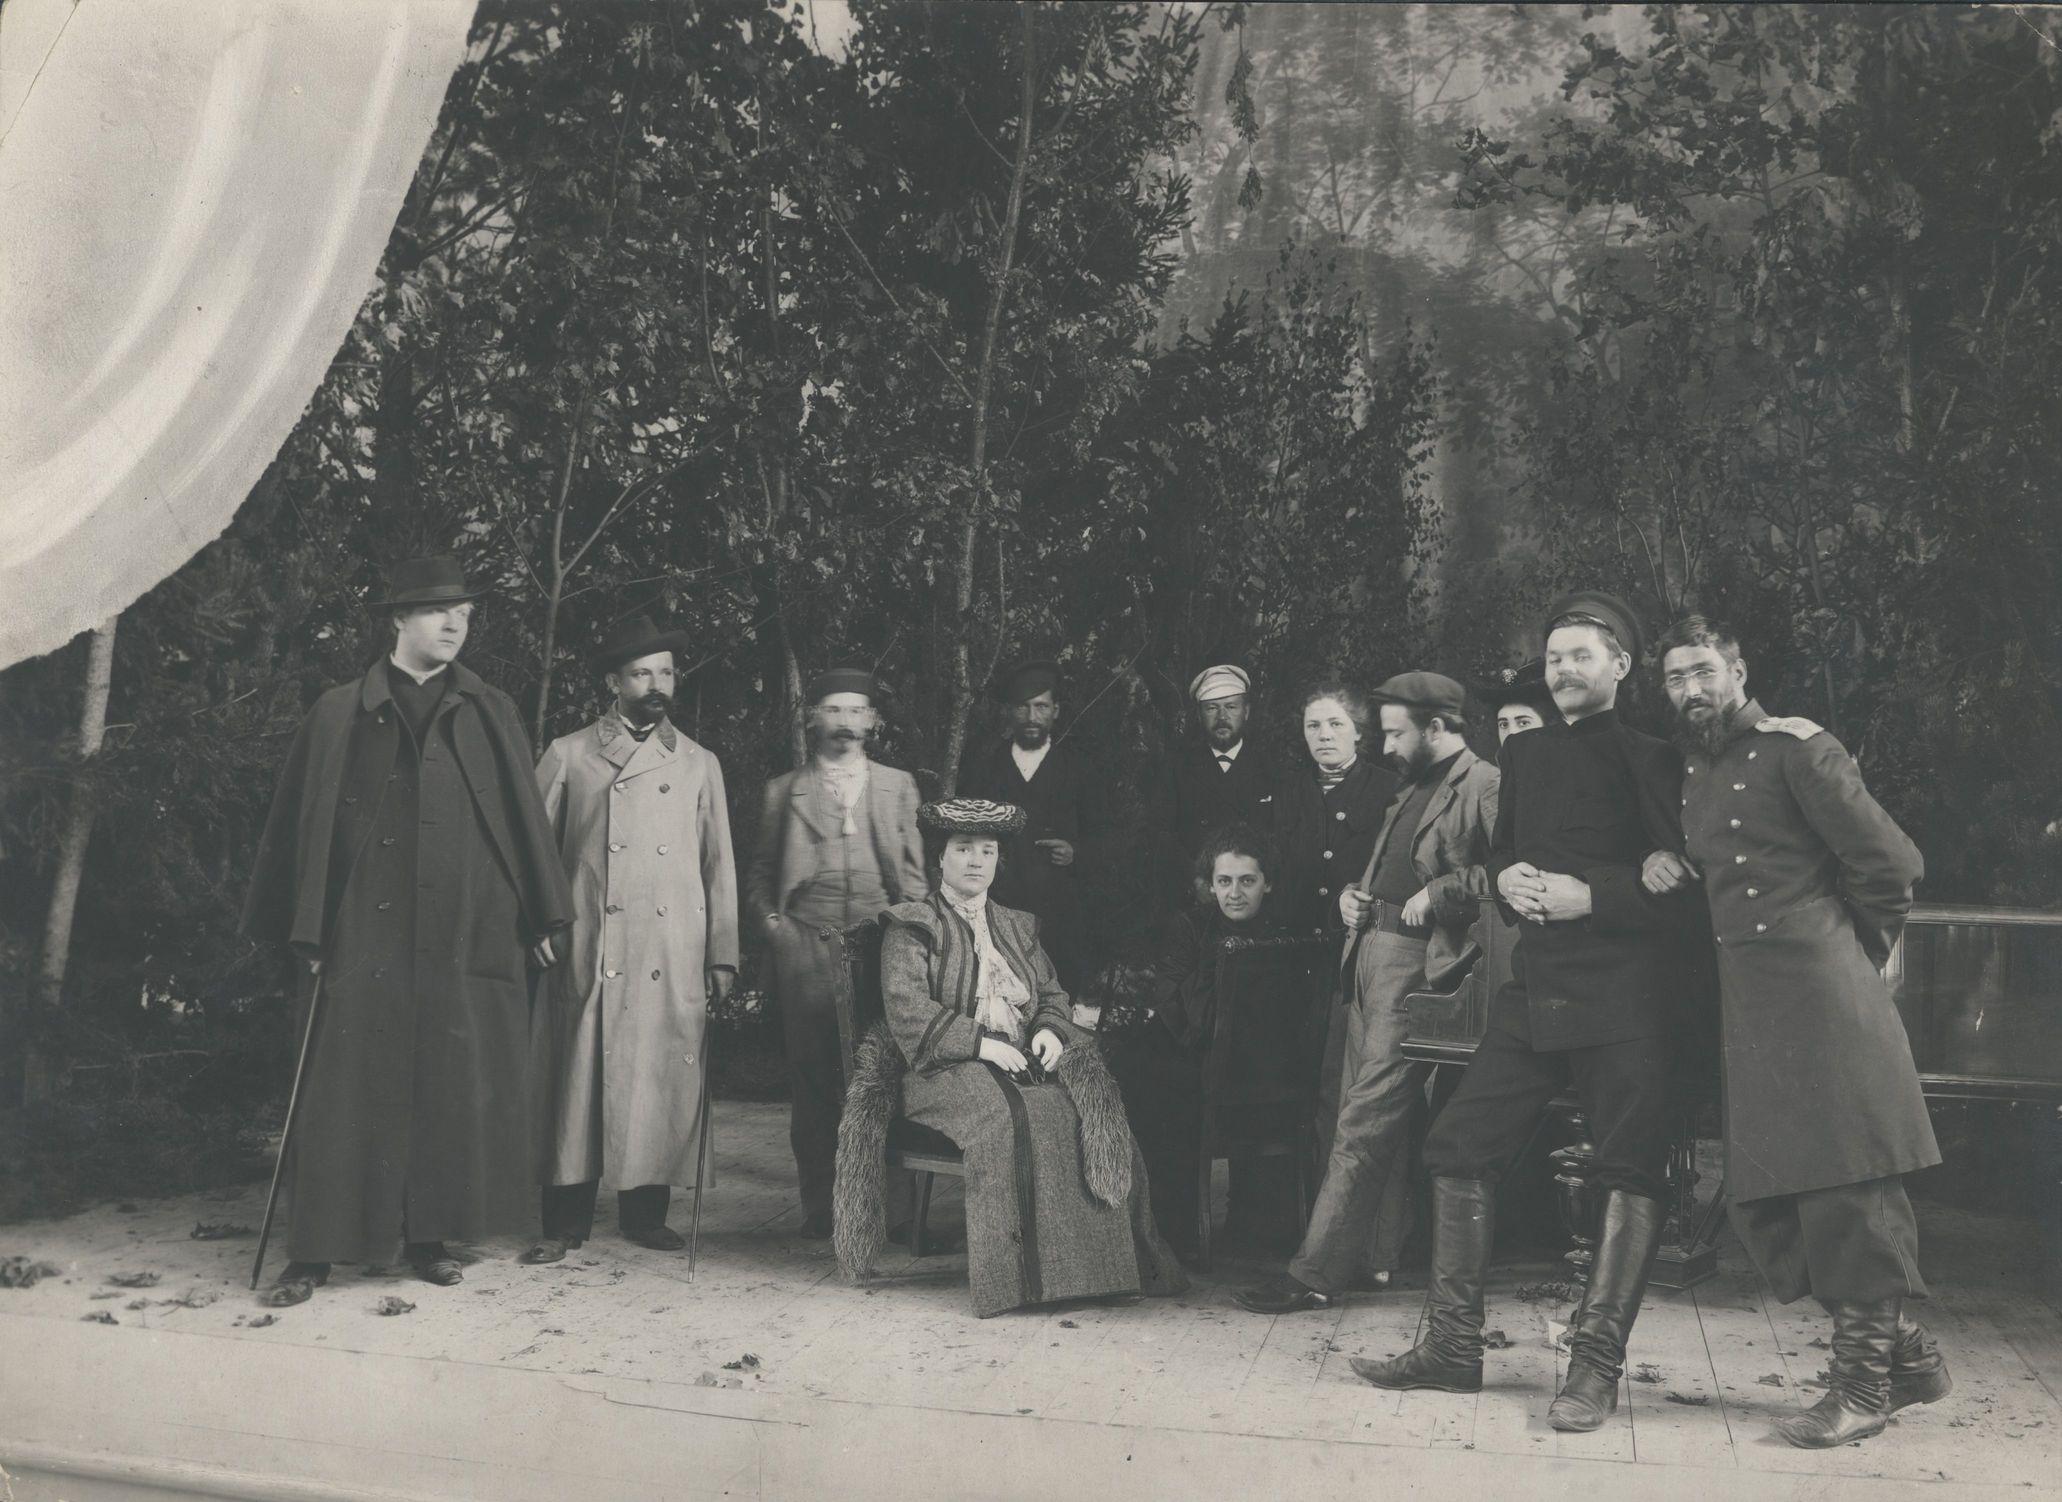 1903. Группа организаторов строительства Народного дома после концерта Ф. И. Шаляпина.